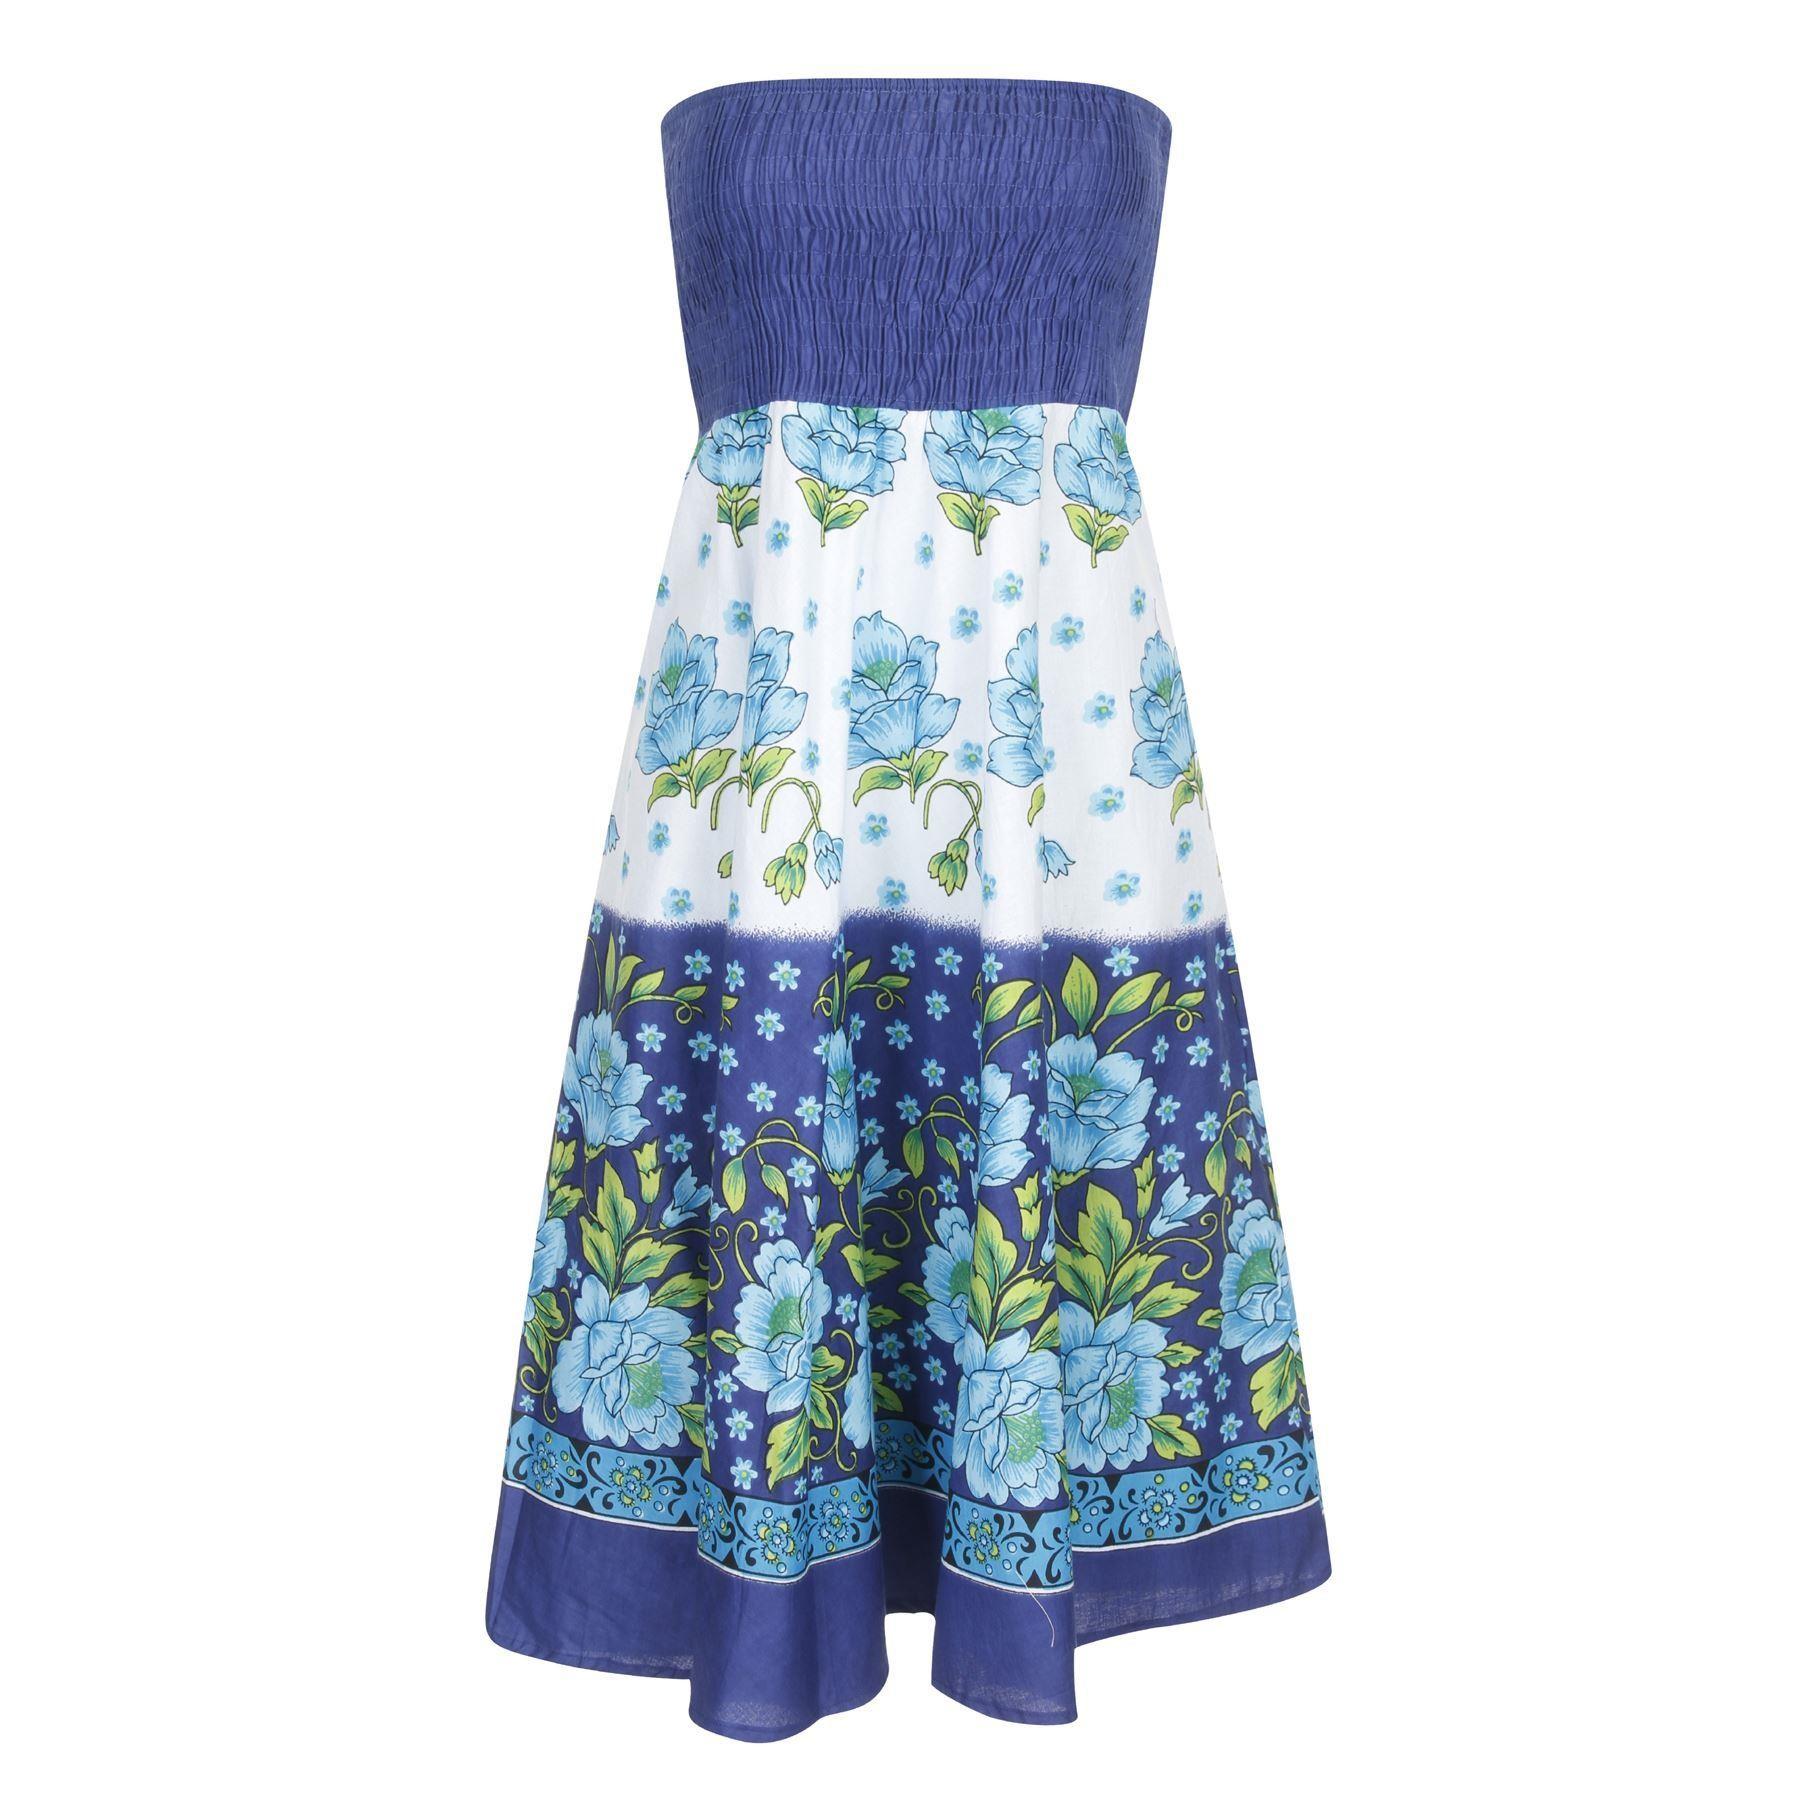 Pistachio Floral 2 in 1 Dress - Blue